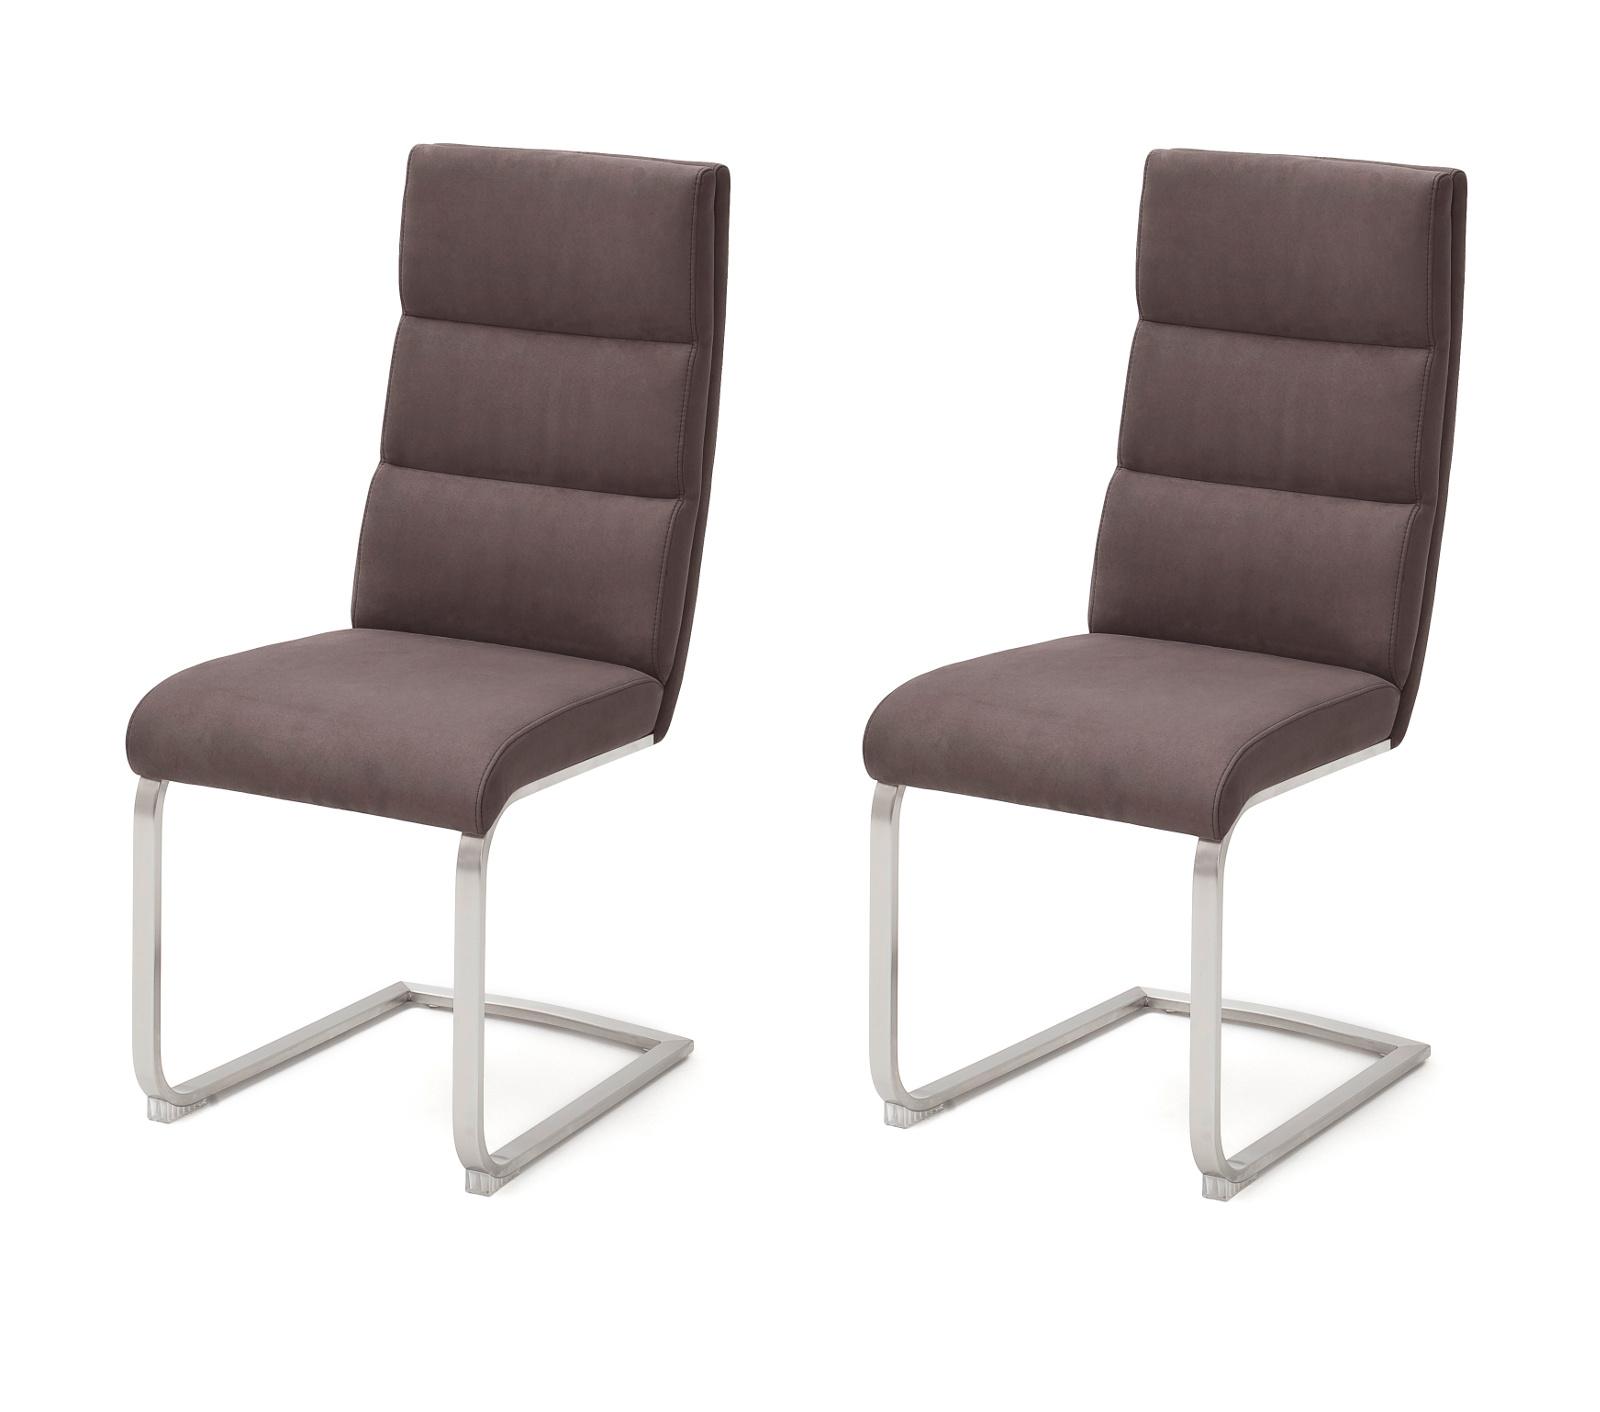 2 x stuhl giulia braun schwinger leder. Black Bedroom Furniture Sets. Home Design Ideas